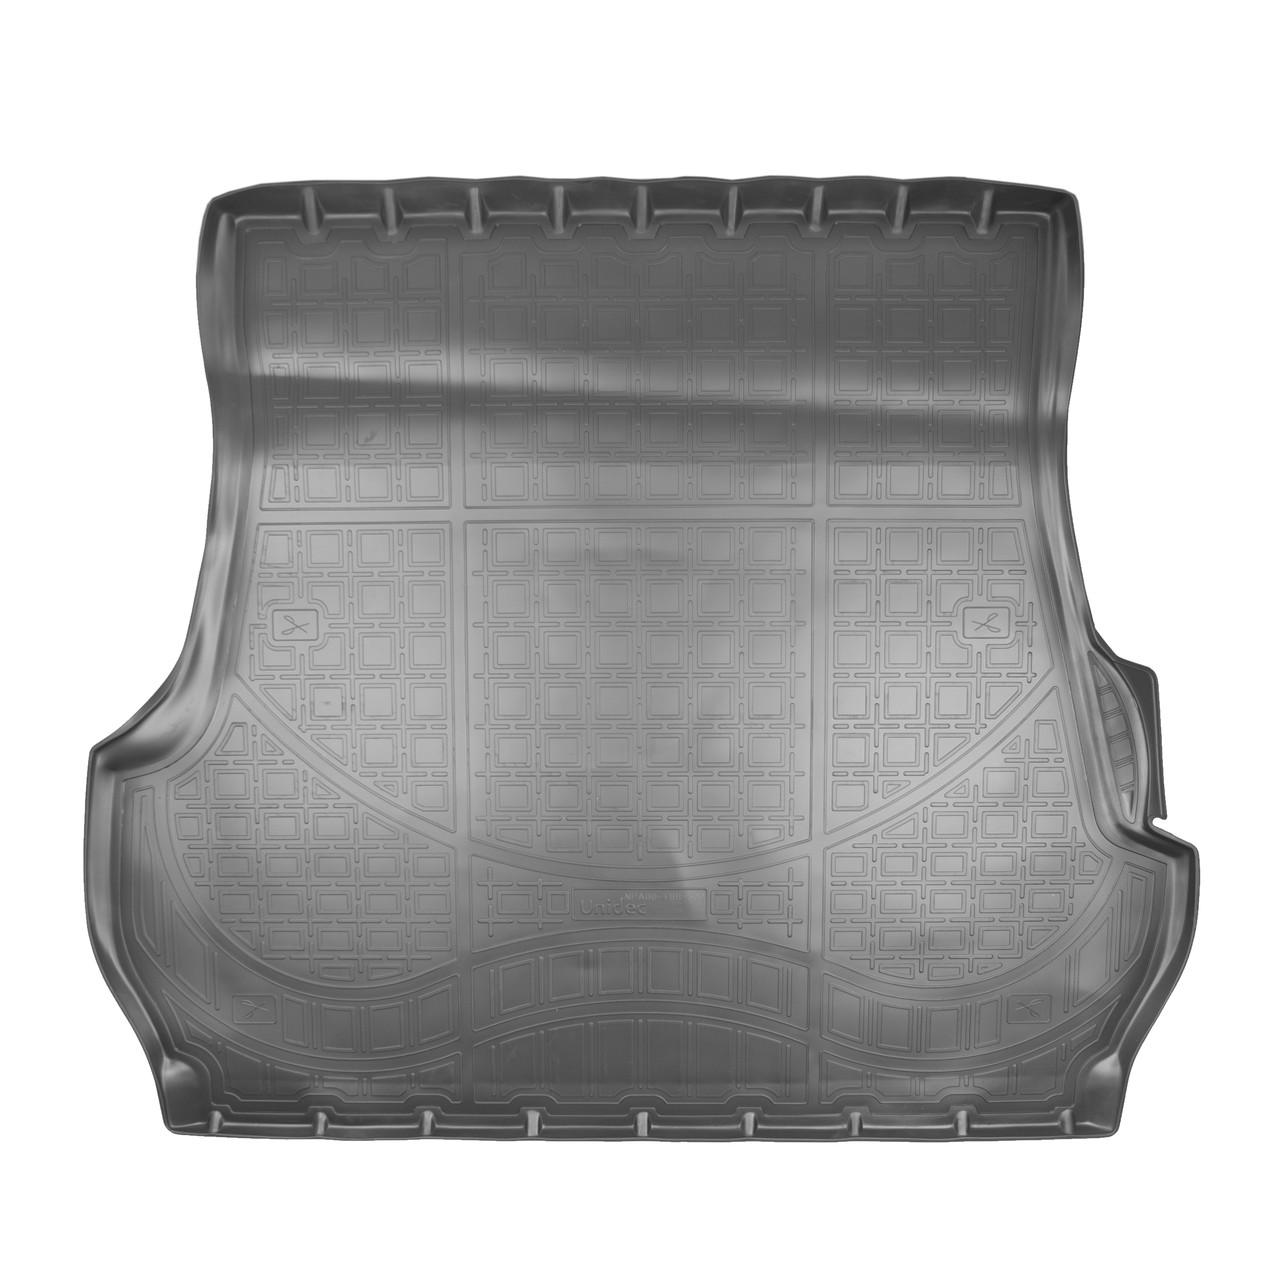 Коврик в багажник Lexus LX 570 5 мест\ Toyota Land Cruiser 200 (2007-2011) 5 мест